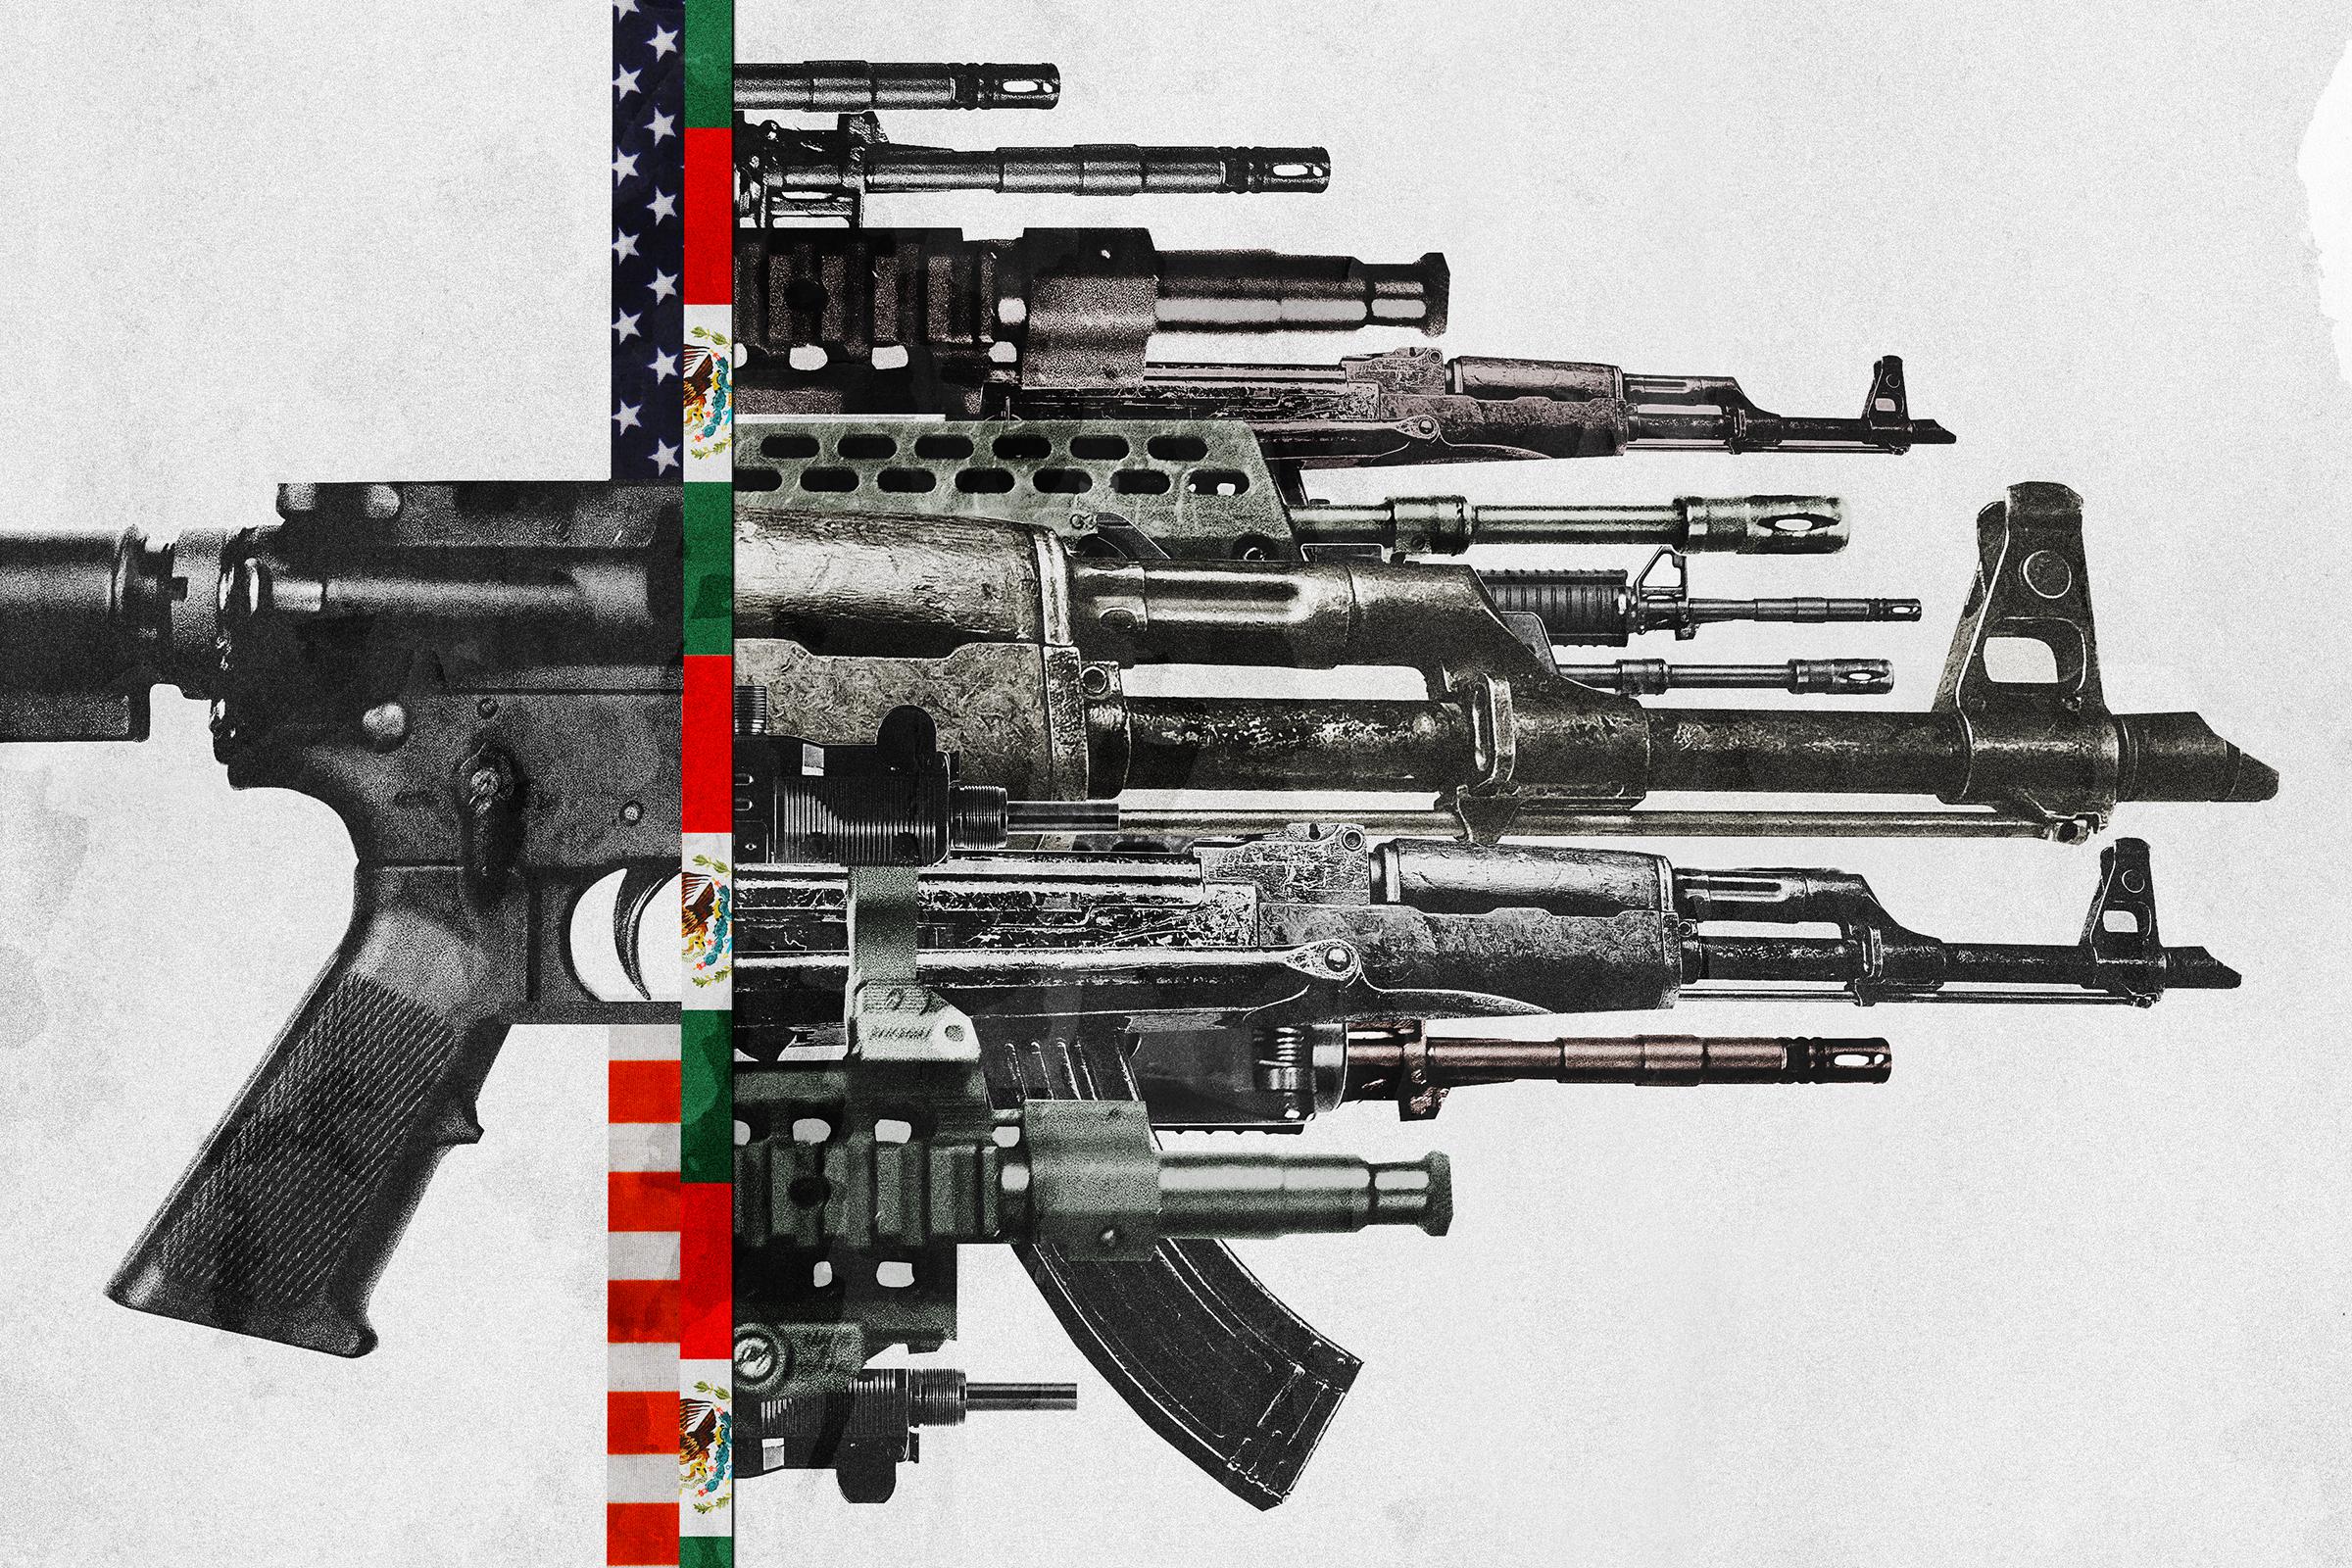 Buy Glock Pistols Online